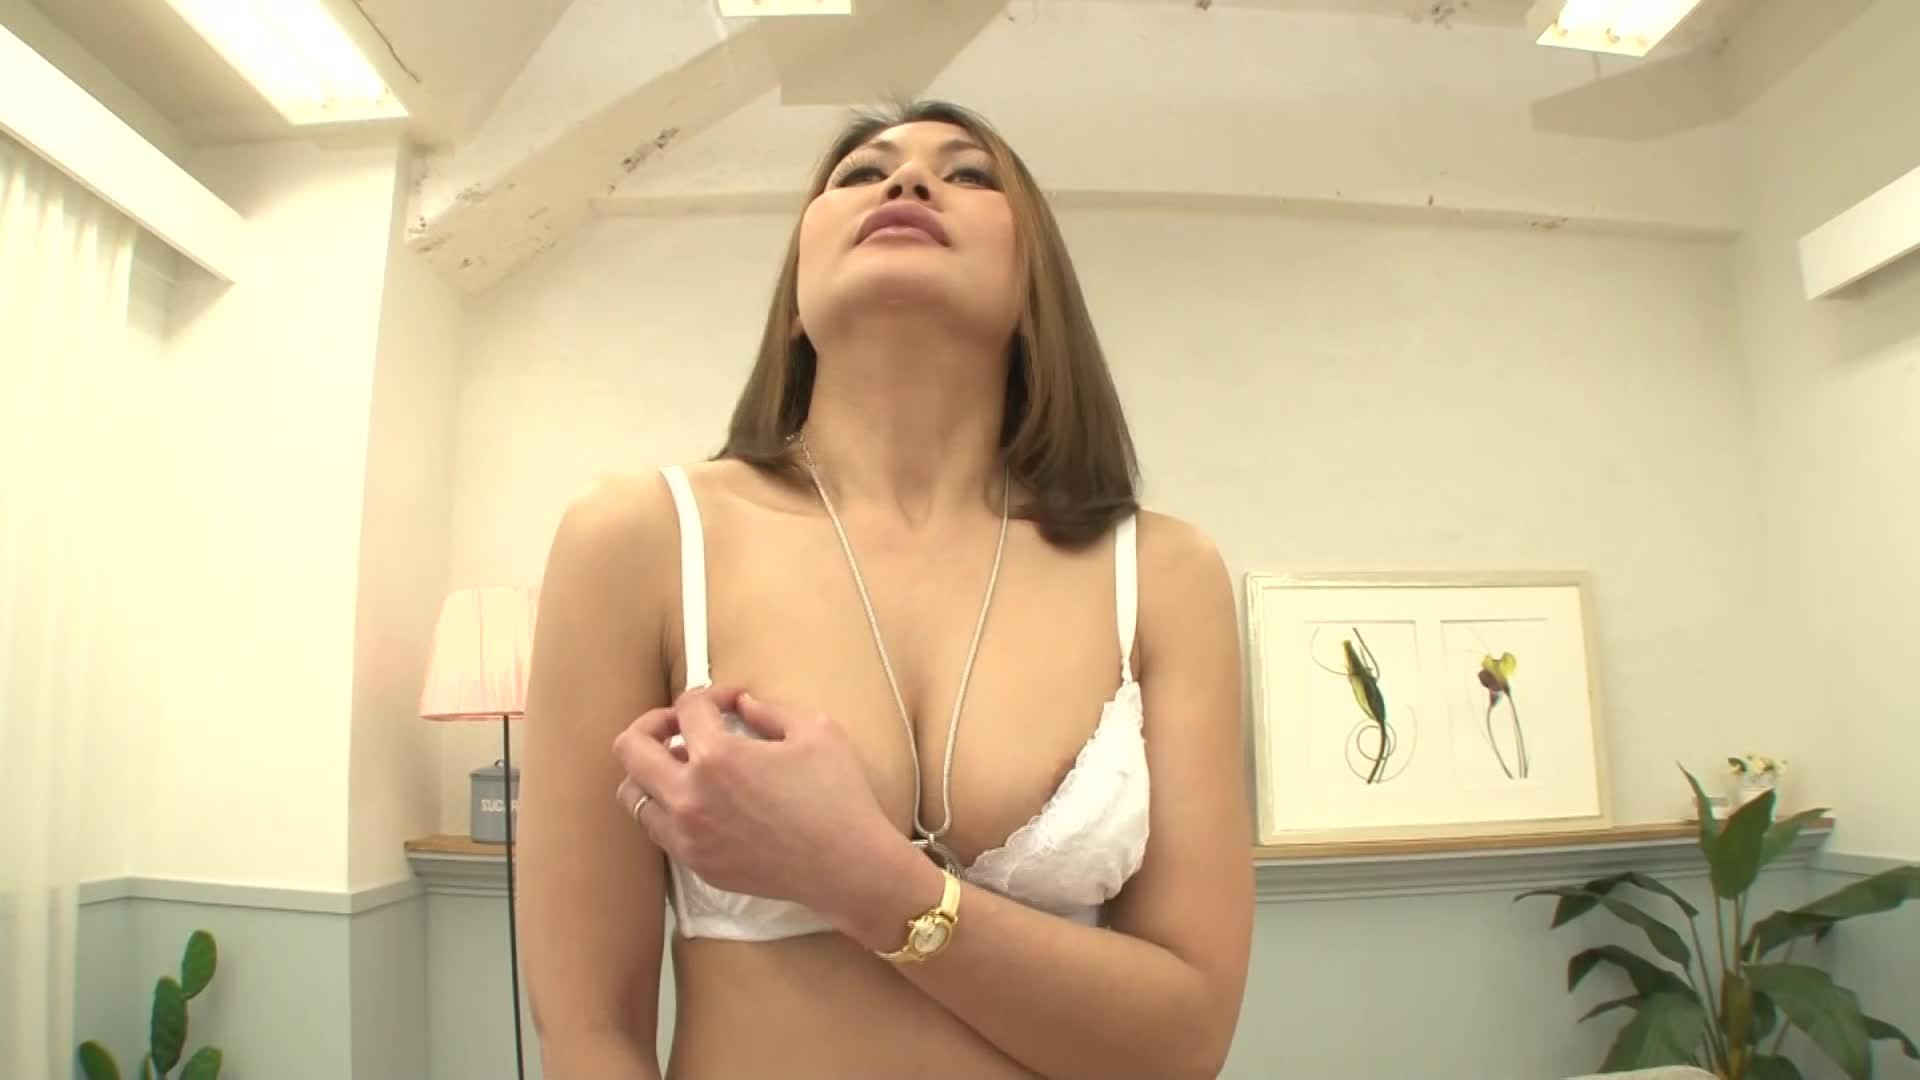 [初撮りAV]フィリピンの素人四十路熟女がマ●コを広げ濡らしてチンコを受け入れる!恥じらいがエロよ